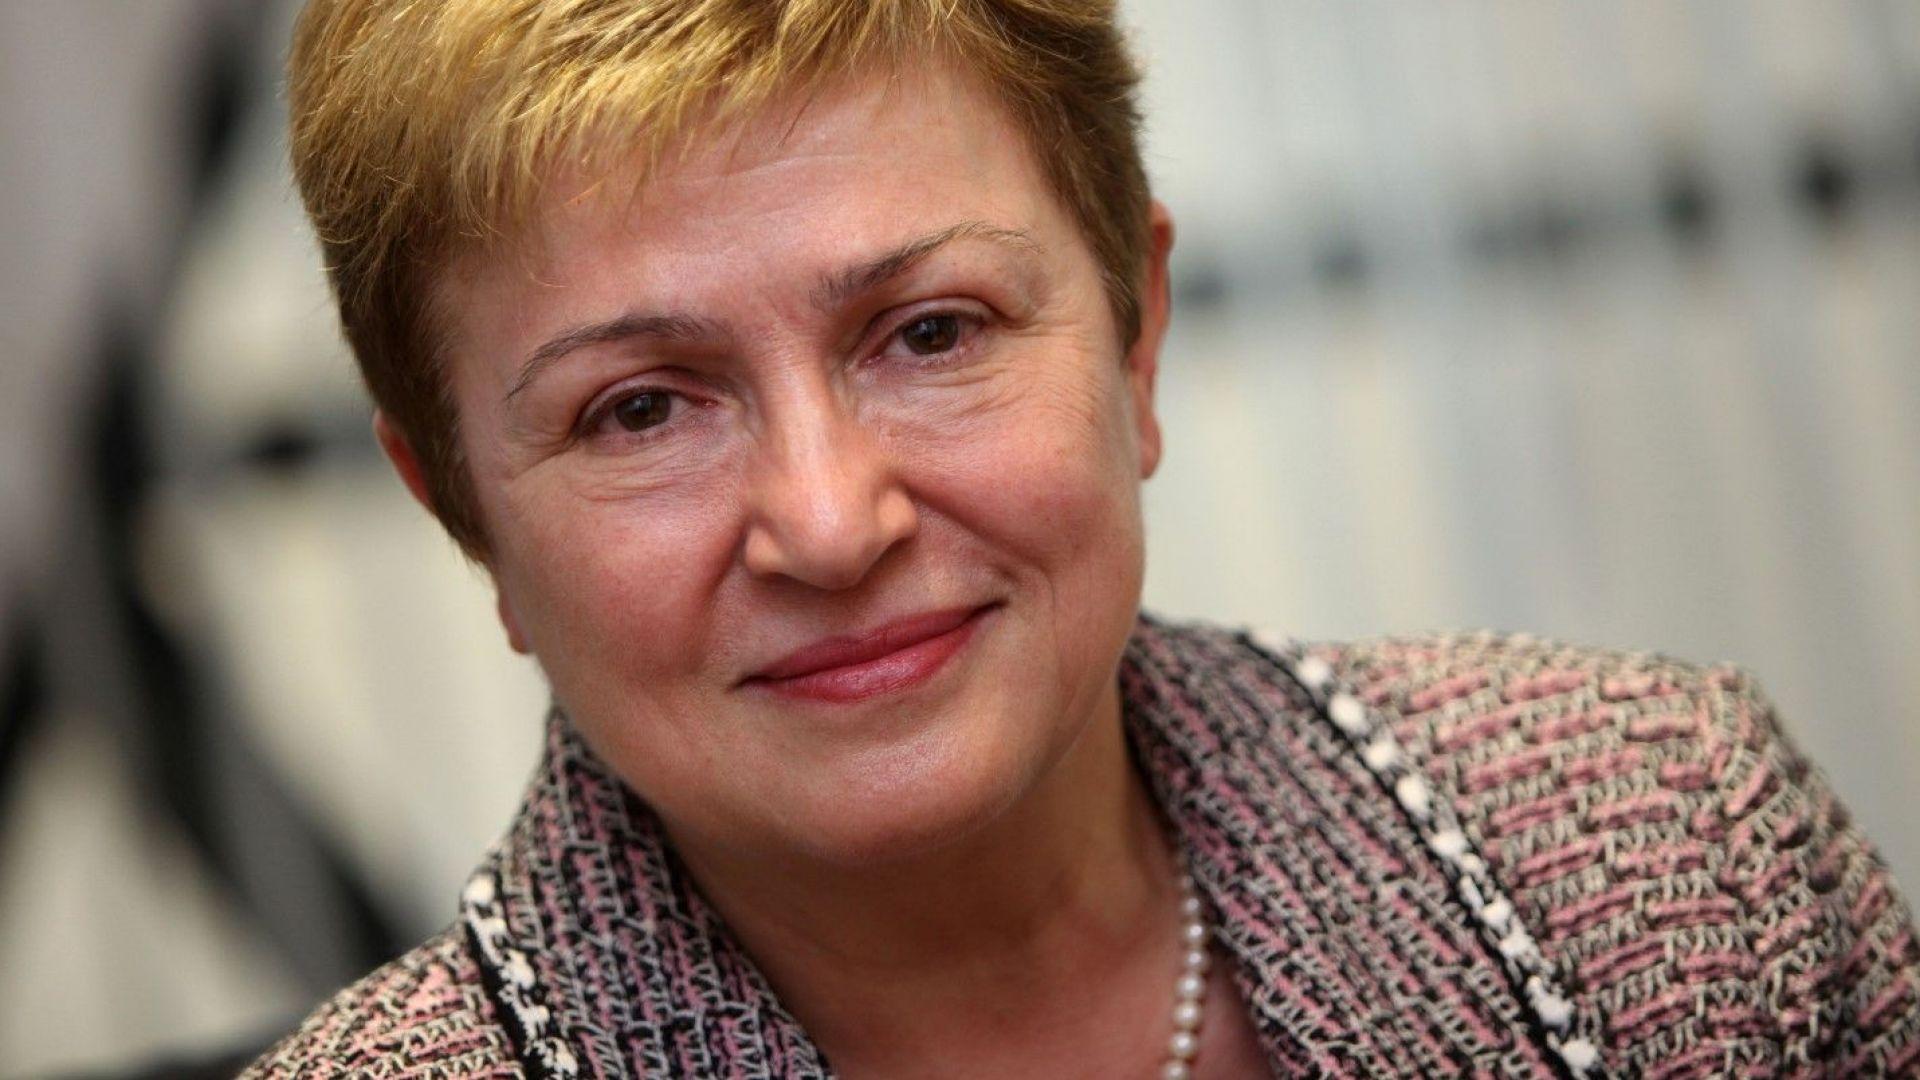 Кристалина Георгиева оглавява Световната банка от 1 февруари